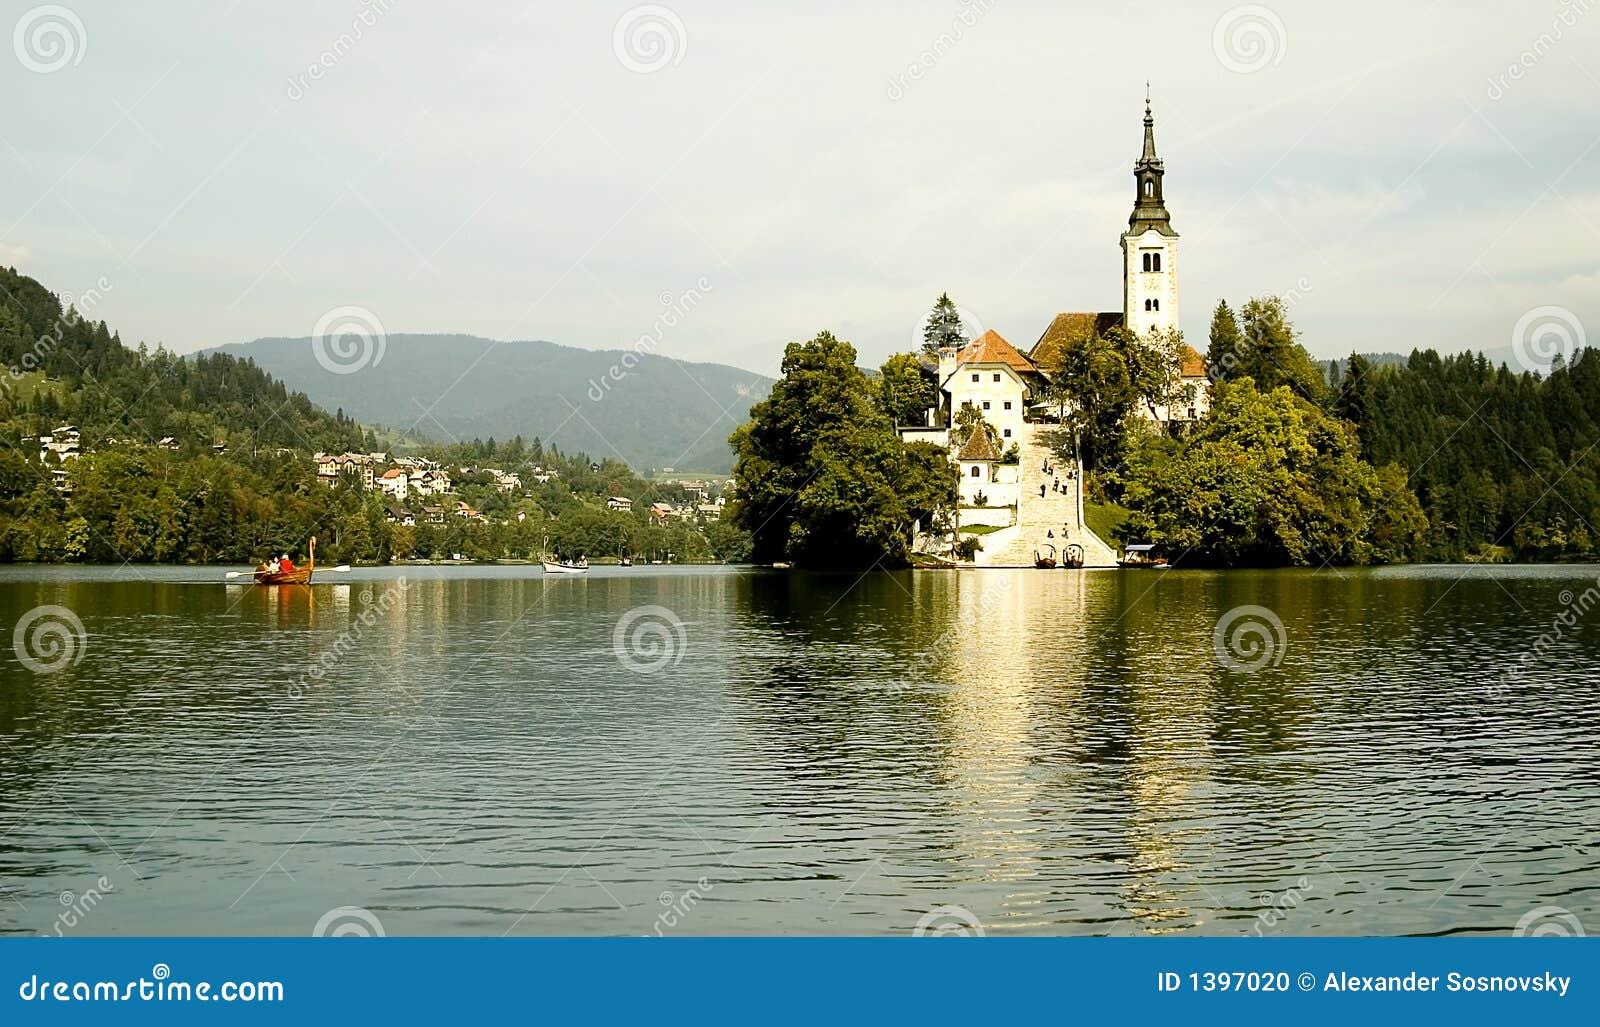 Une île et un bateau